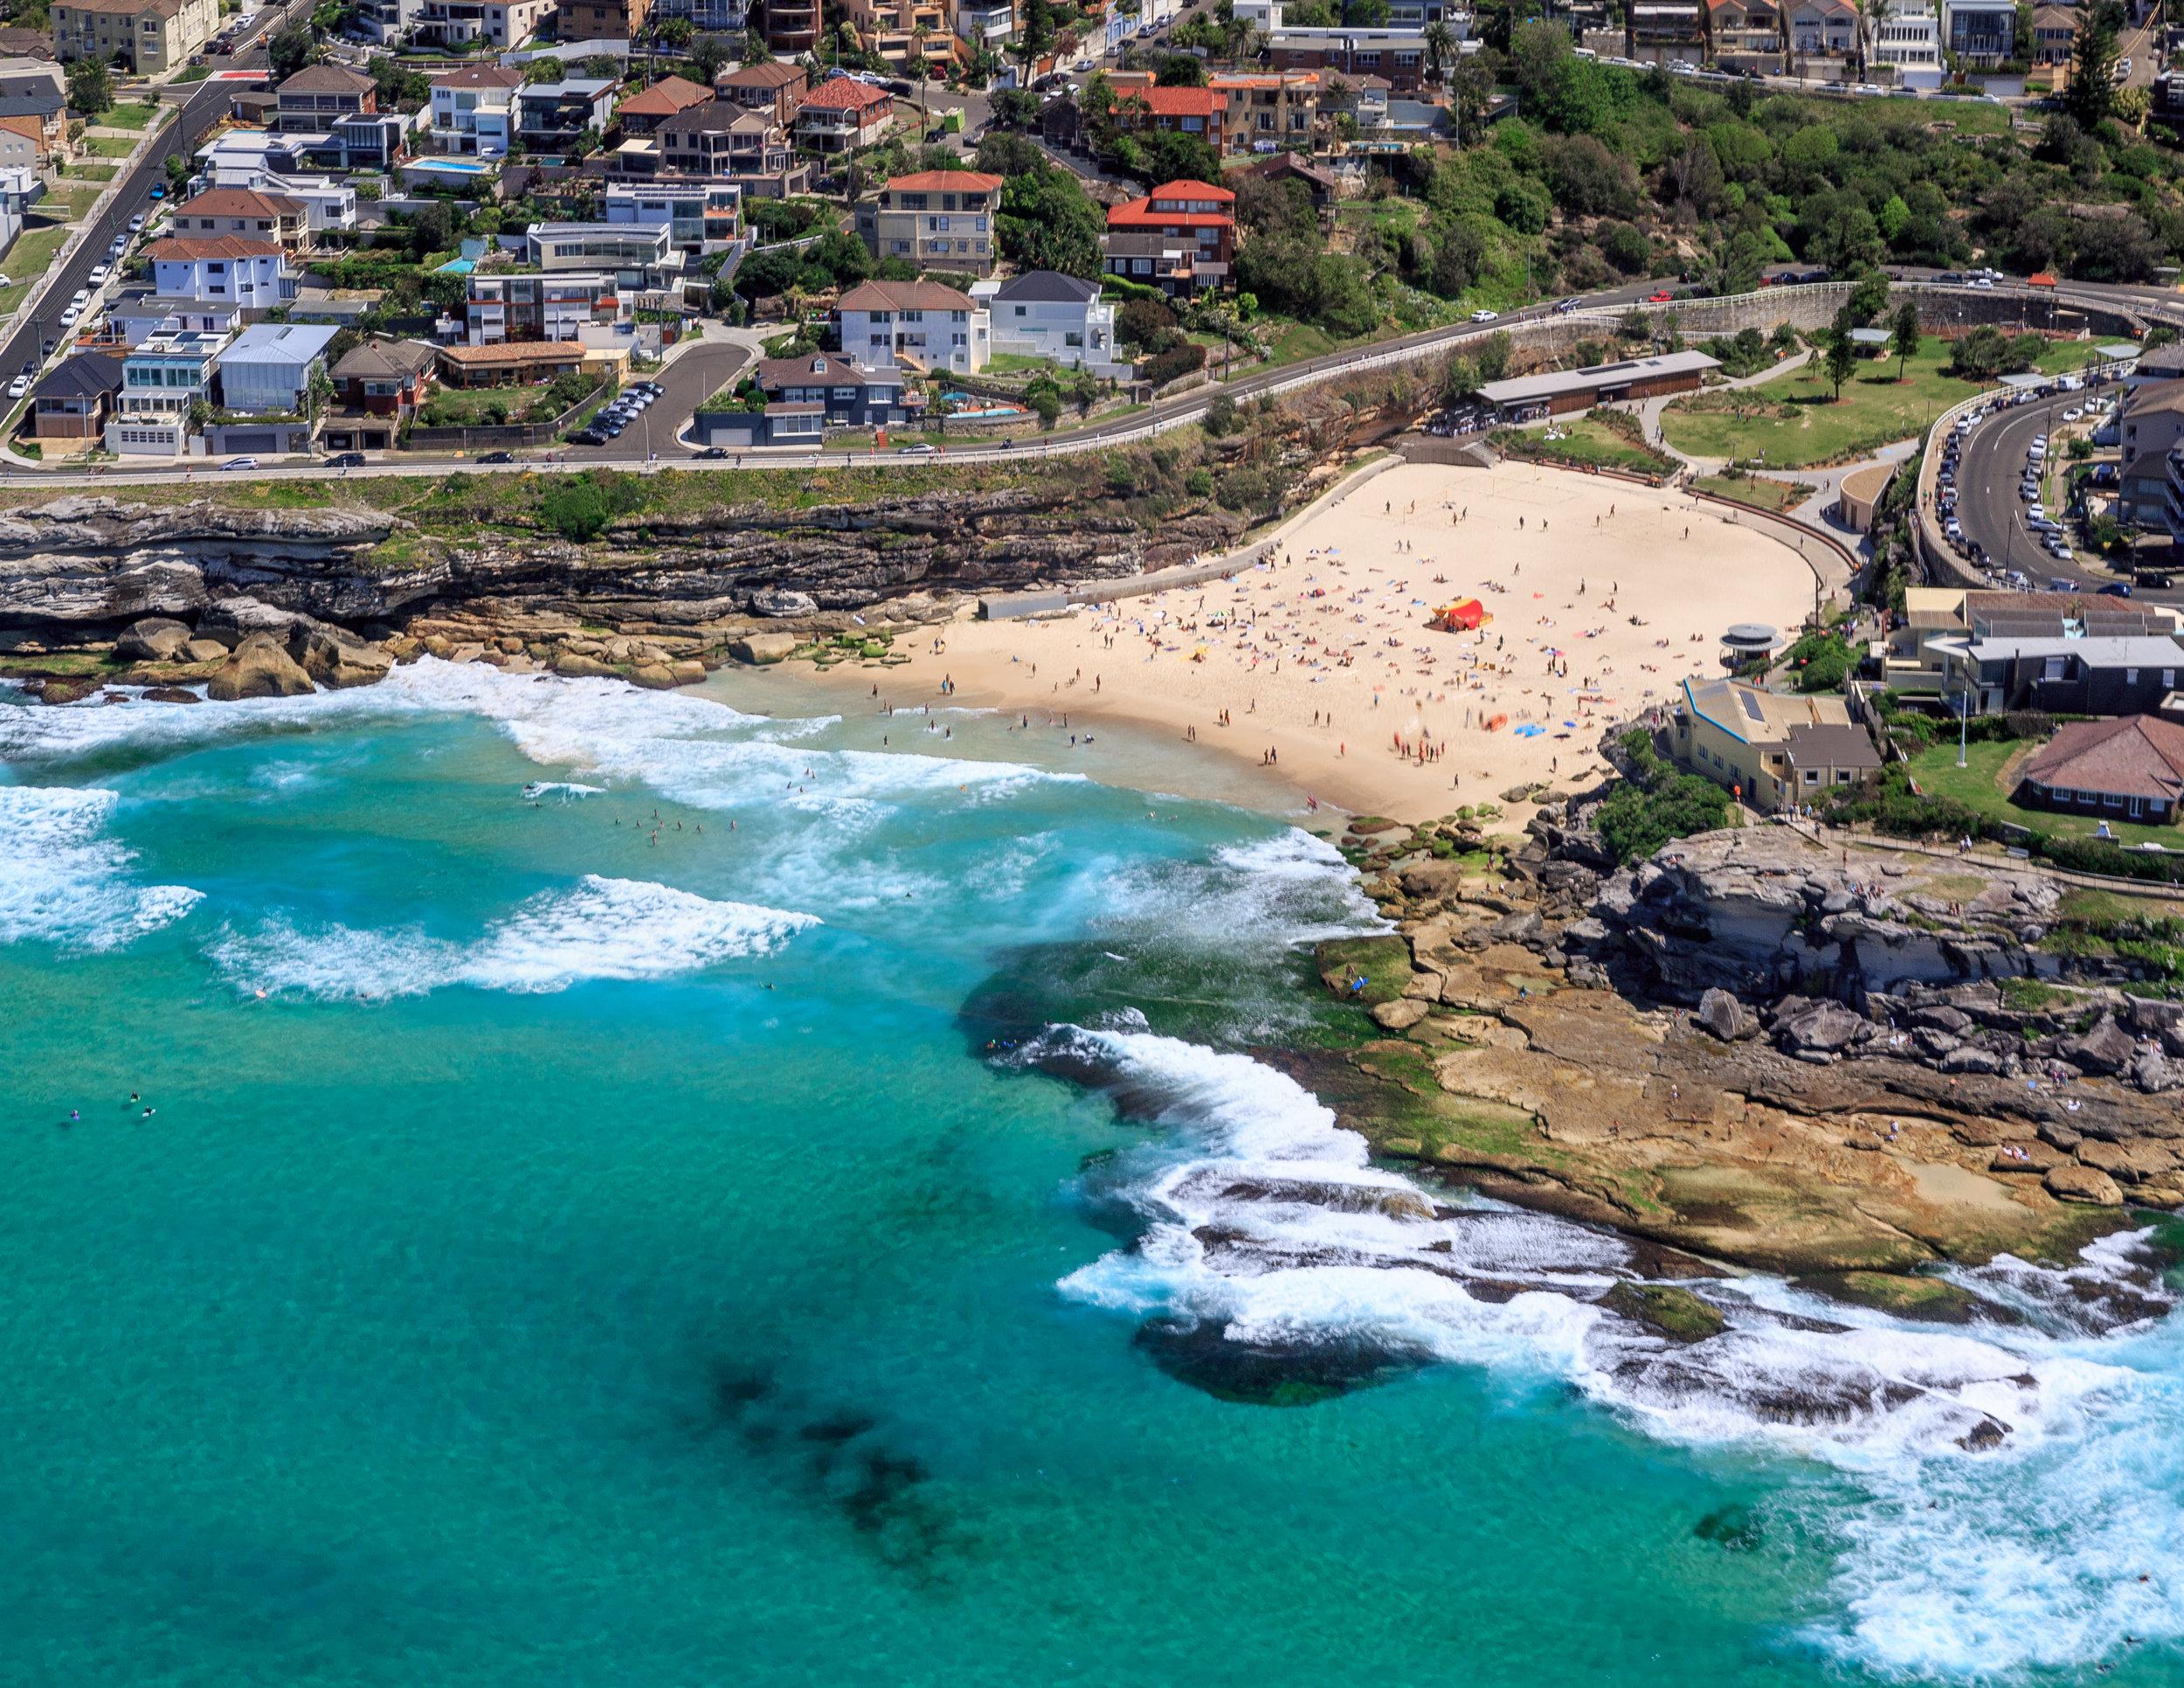 Tamarama Beach from the air